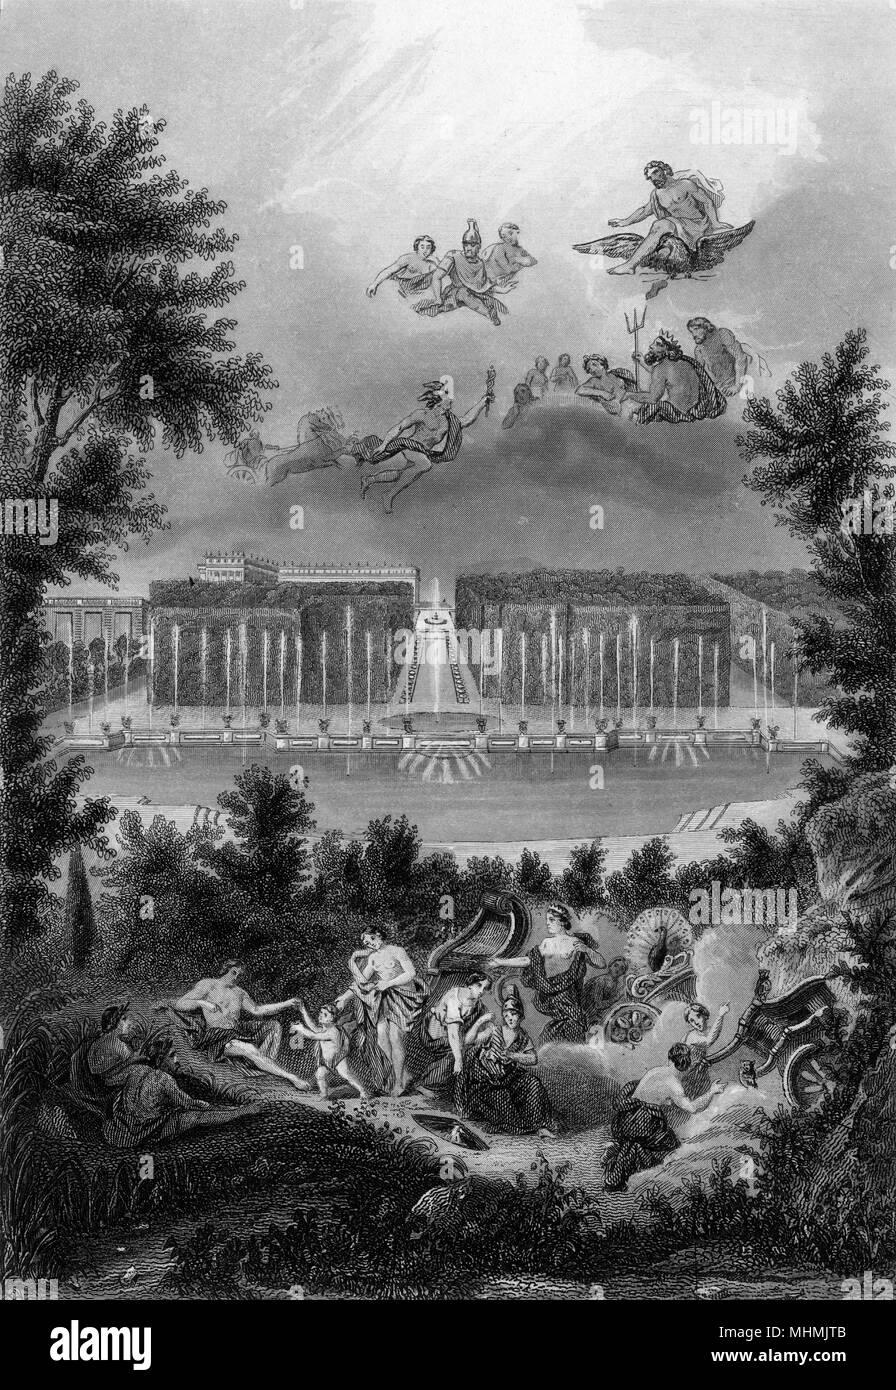 BASSIN DE NEPTUNE figures mythologiques puissions folâtrer autour de la piscine, mais ils se cachent lorsque Louis et ses courtisans sortir du palais pour l'air frais Date: 1688 Photo Stock